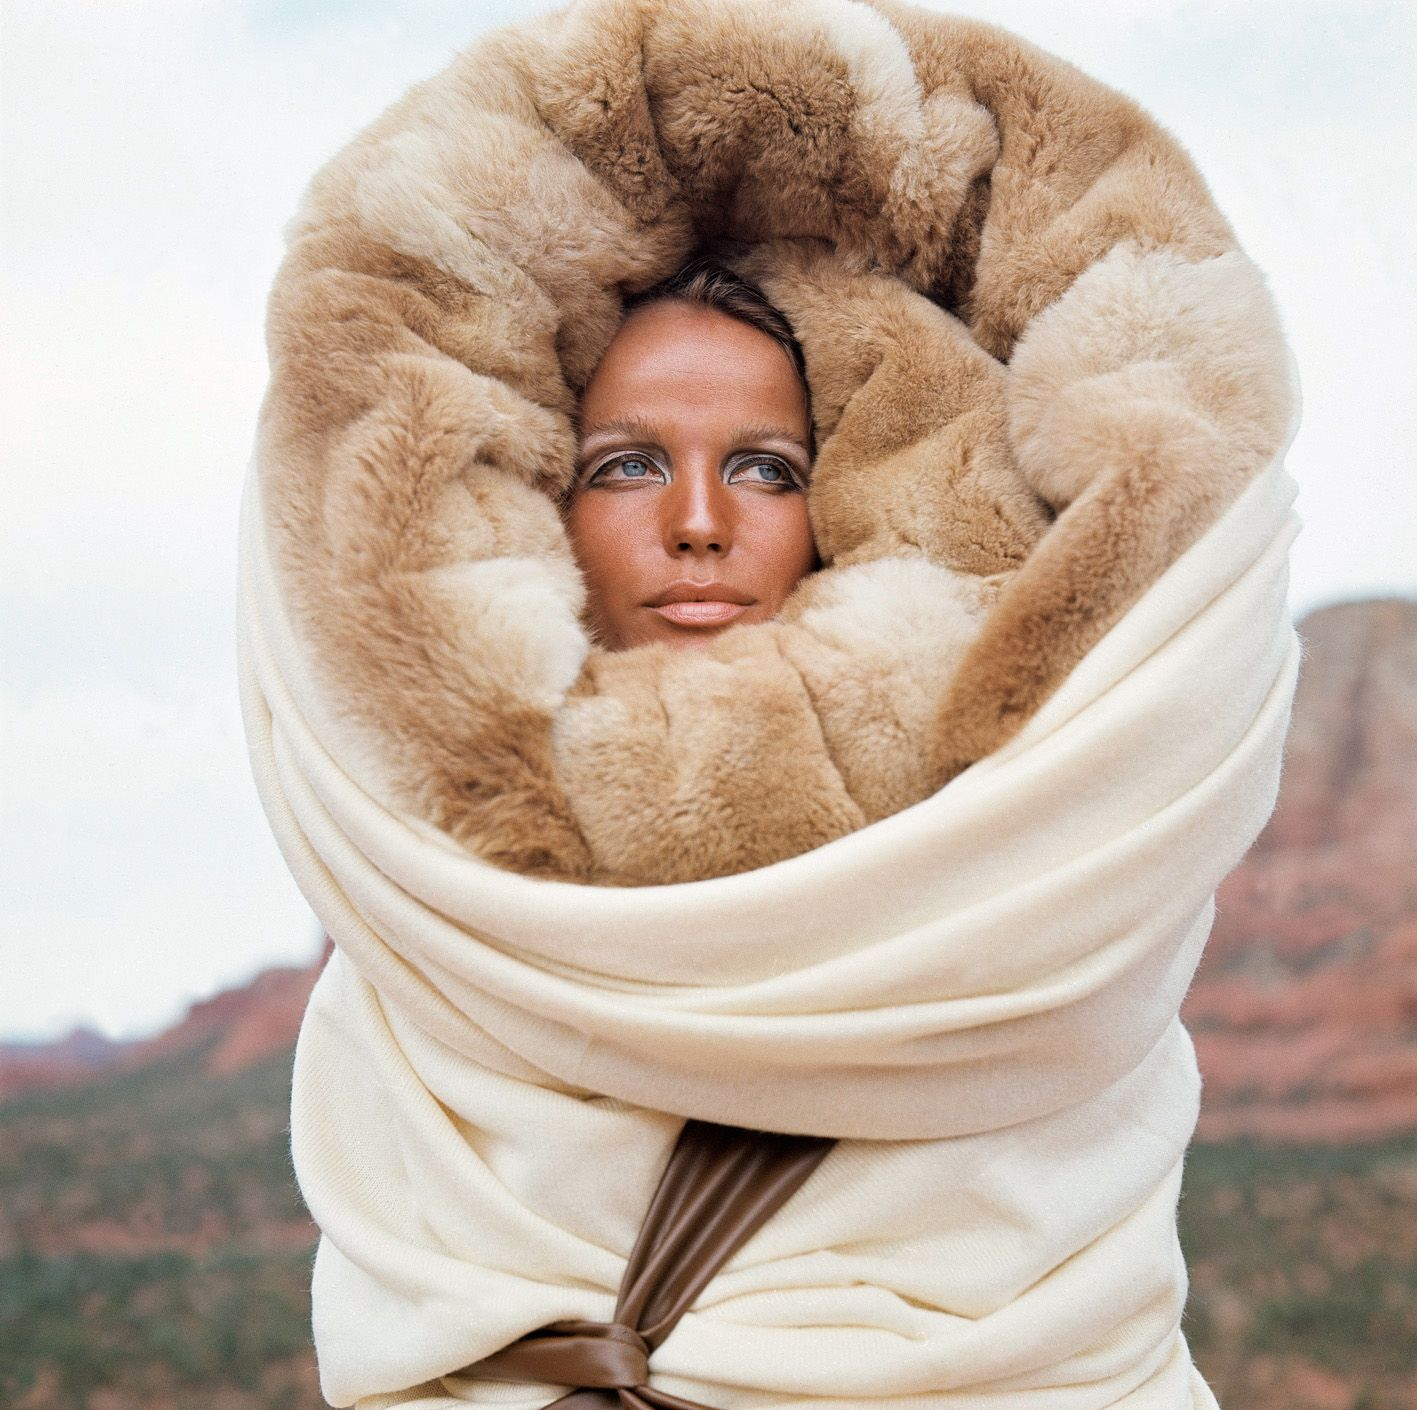 Veruschka in Giorgio di Sant'Angelo Wrap, photographed by Franco Rubartelli for Vogue, 1968